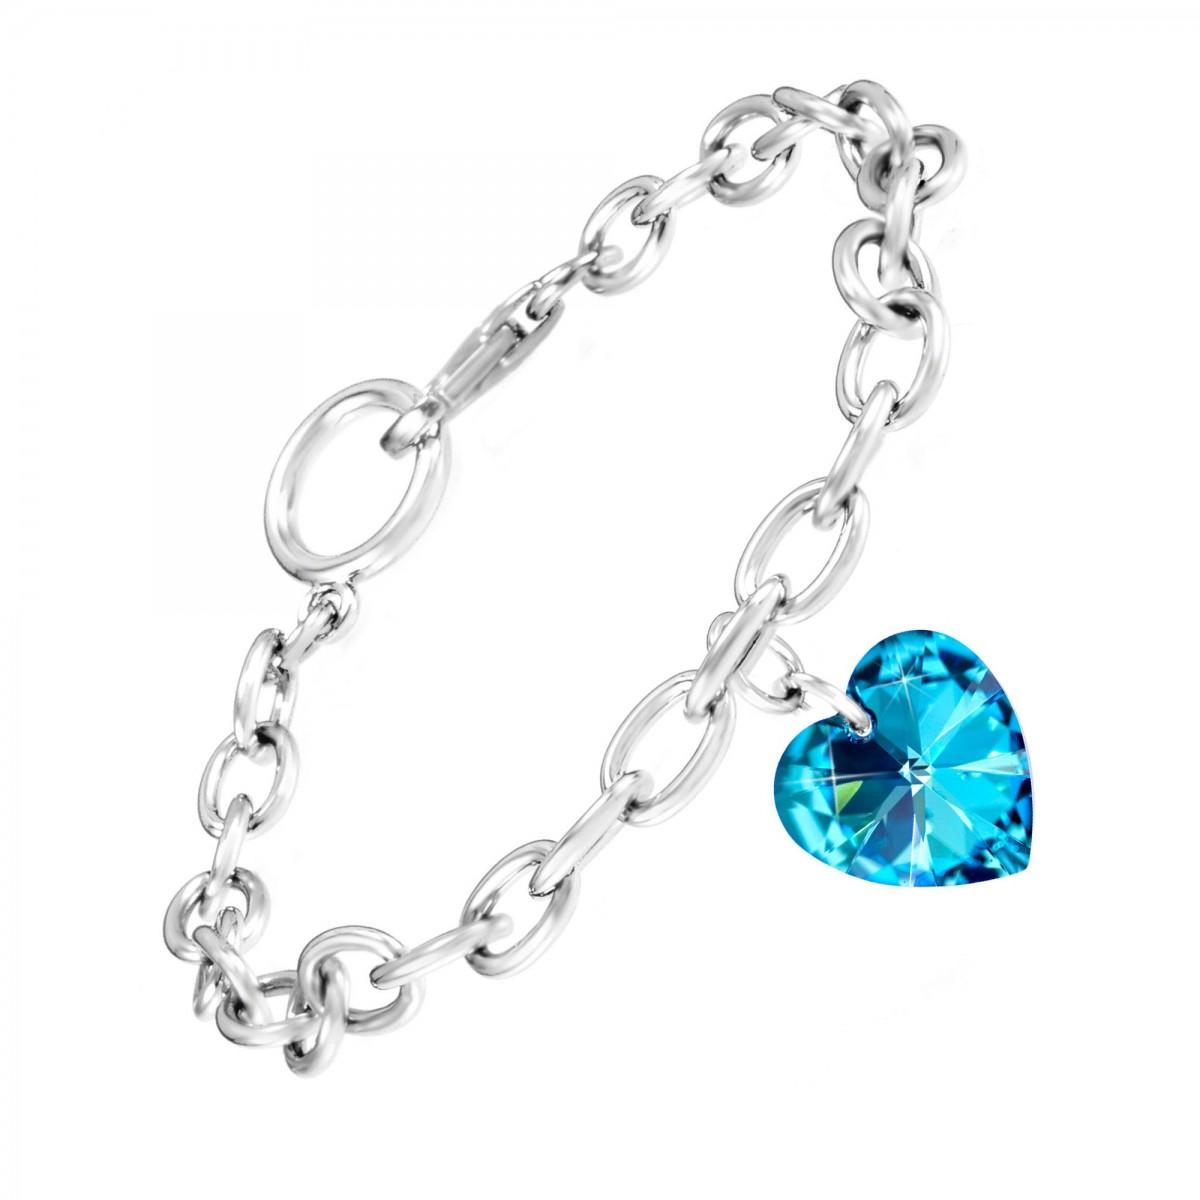 Bracelet argenté et coeur made with crystal from Swarovski bleu